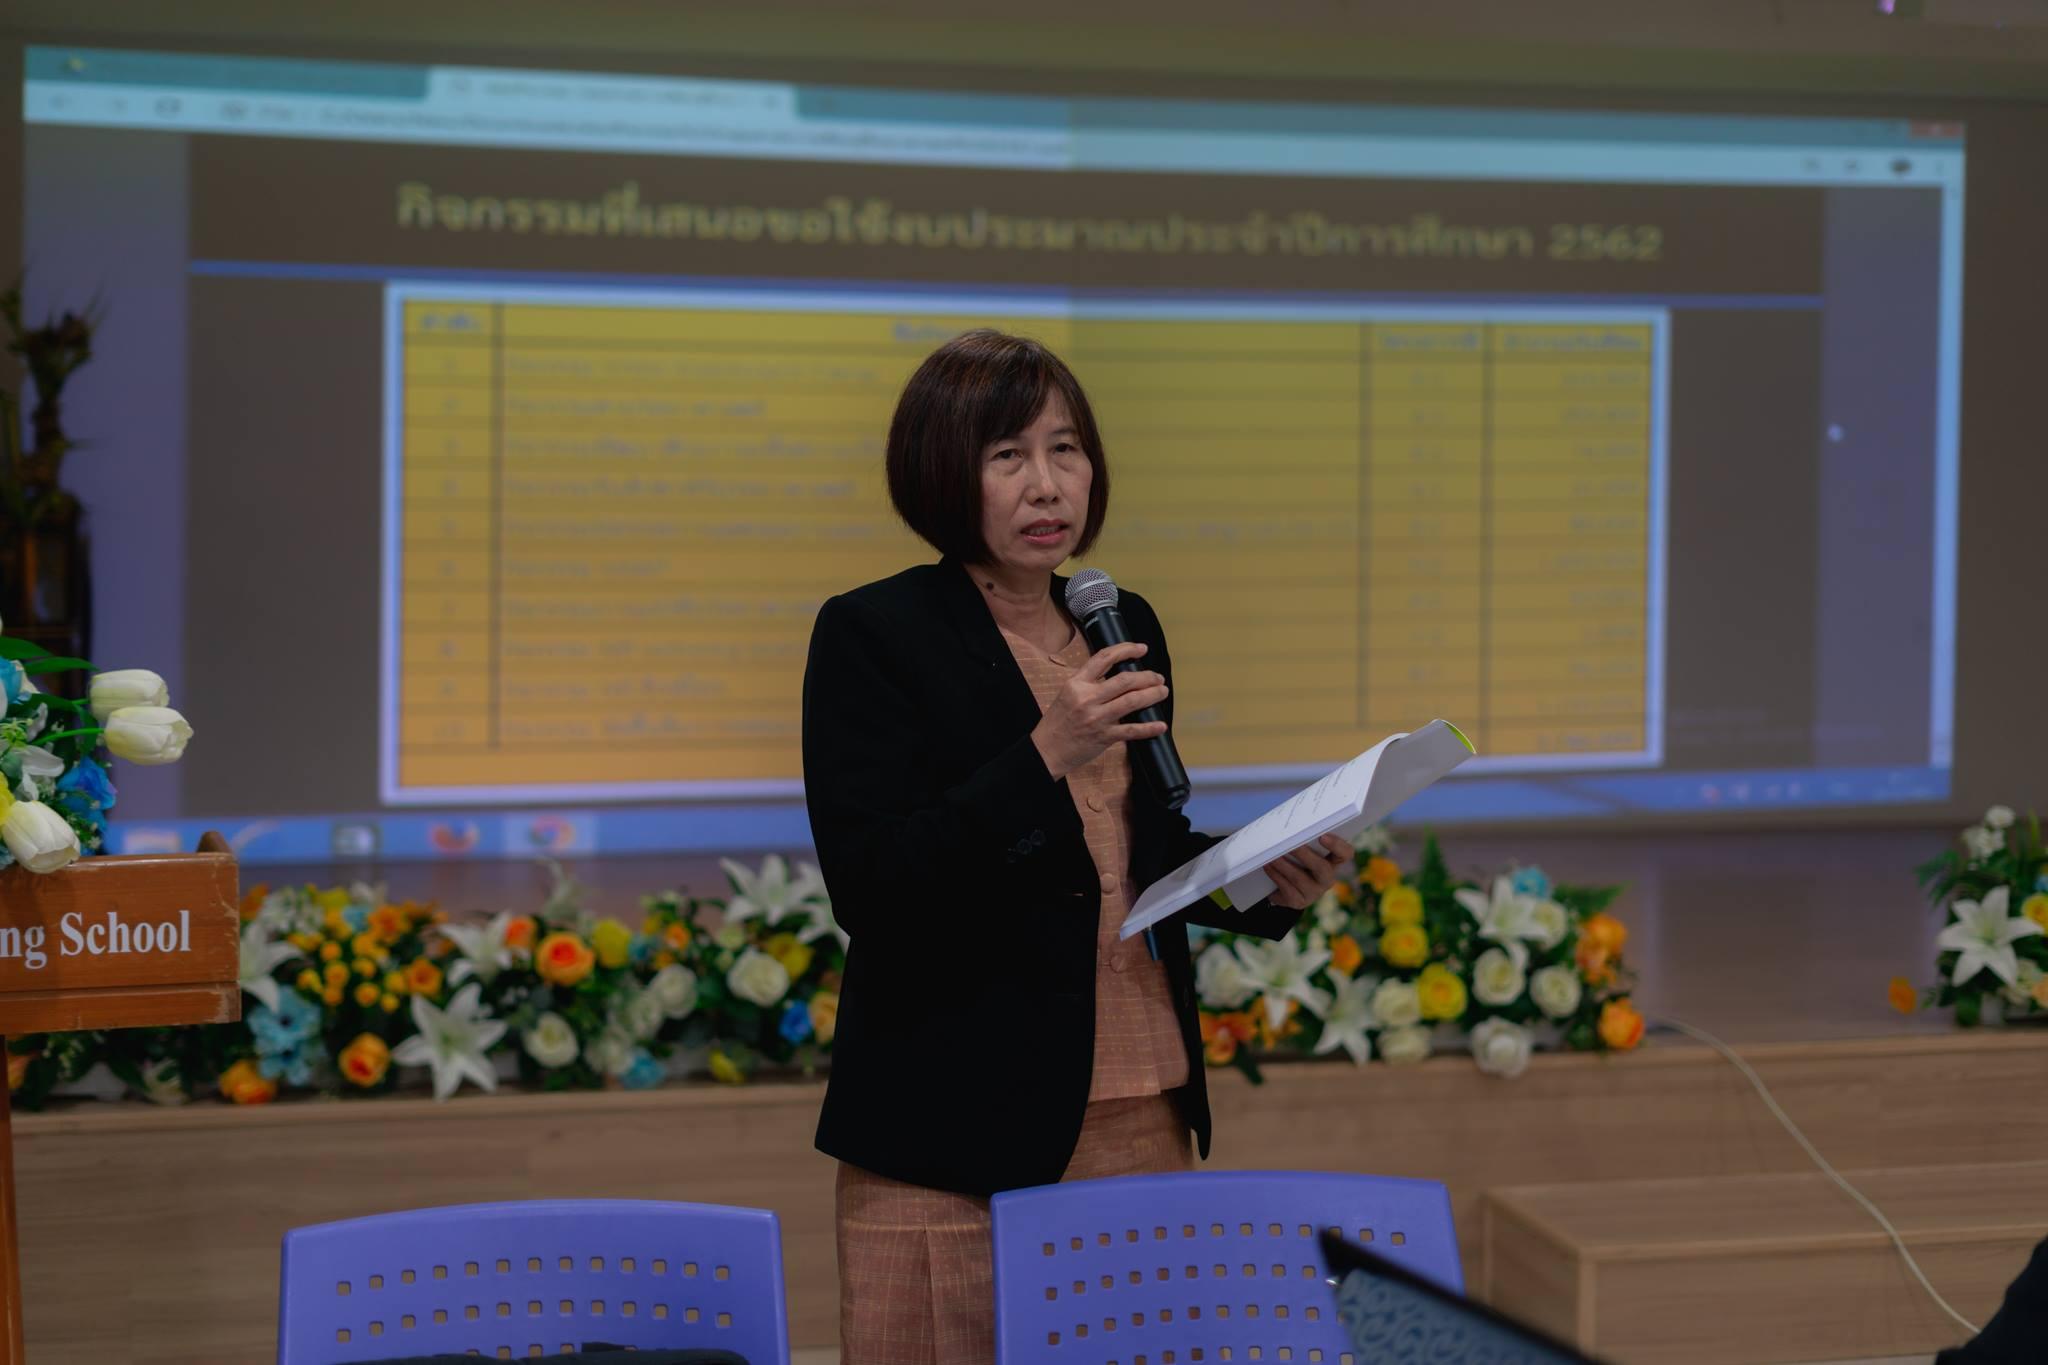 โรงเรียนมัธยมวัดนายโรงจัดการประชุมนำเสนอผลดำเนินงานโครงการ/กิจกรรมปีการศึกษา 2561 และนำเสนอโครงการ/กิจกรรมของปีการศึกษา 2562